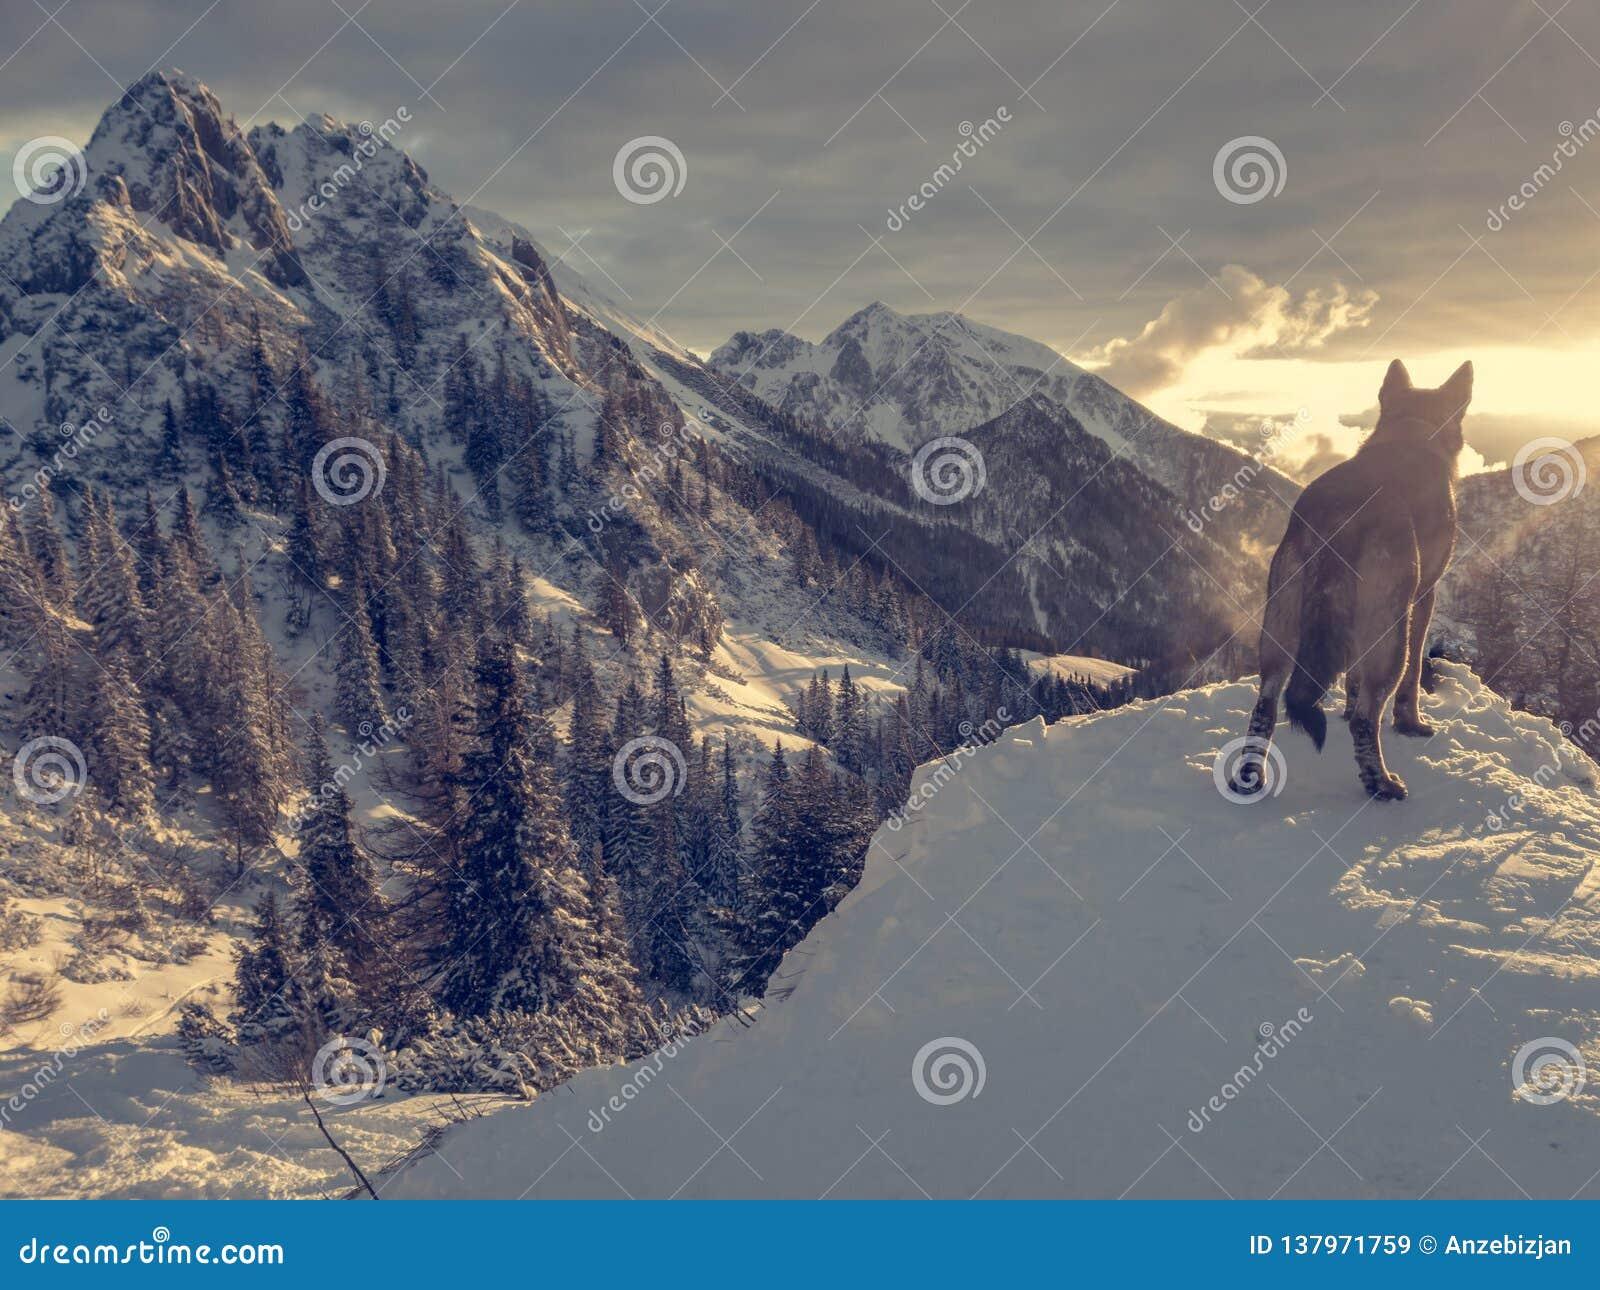 Paisaje espectacular de la montaña del invierno iluminado por el sol poniente